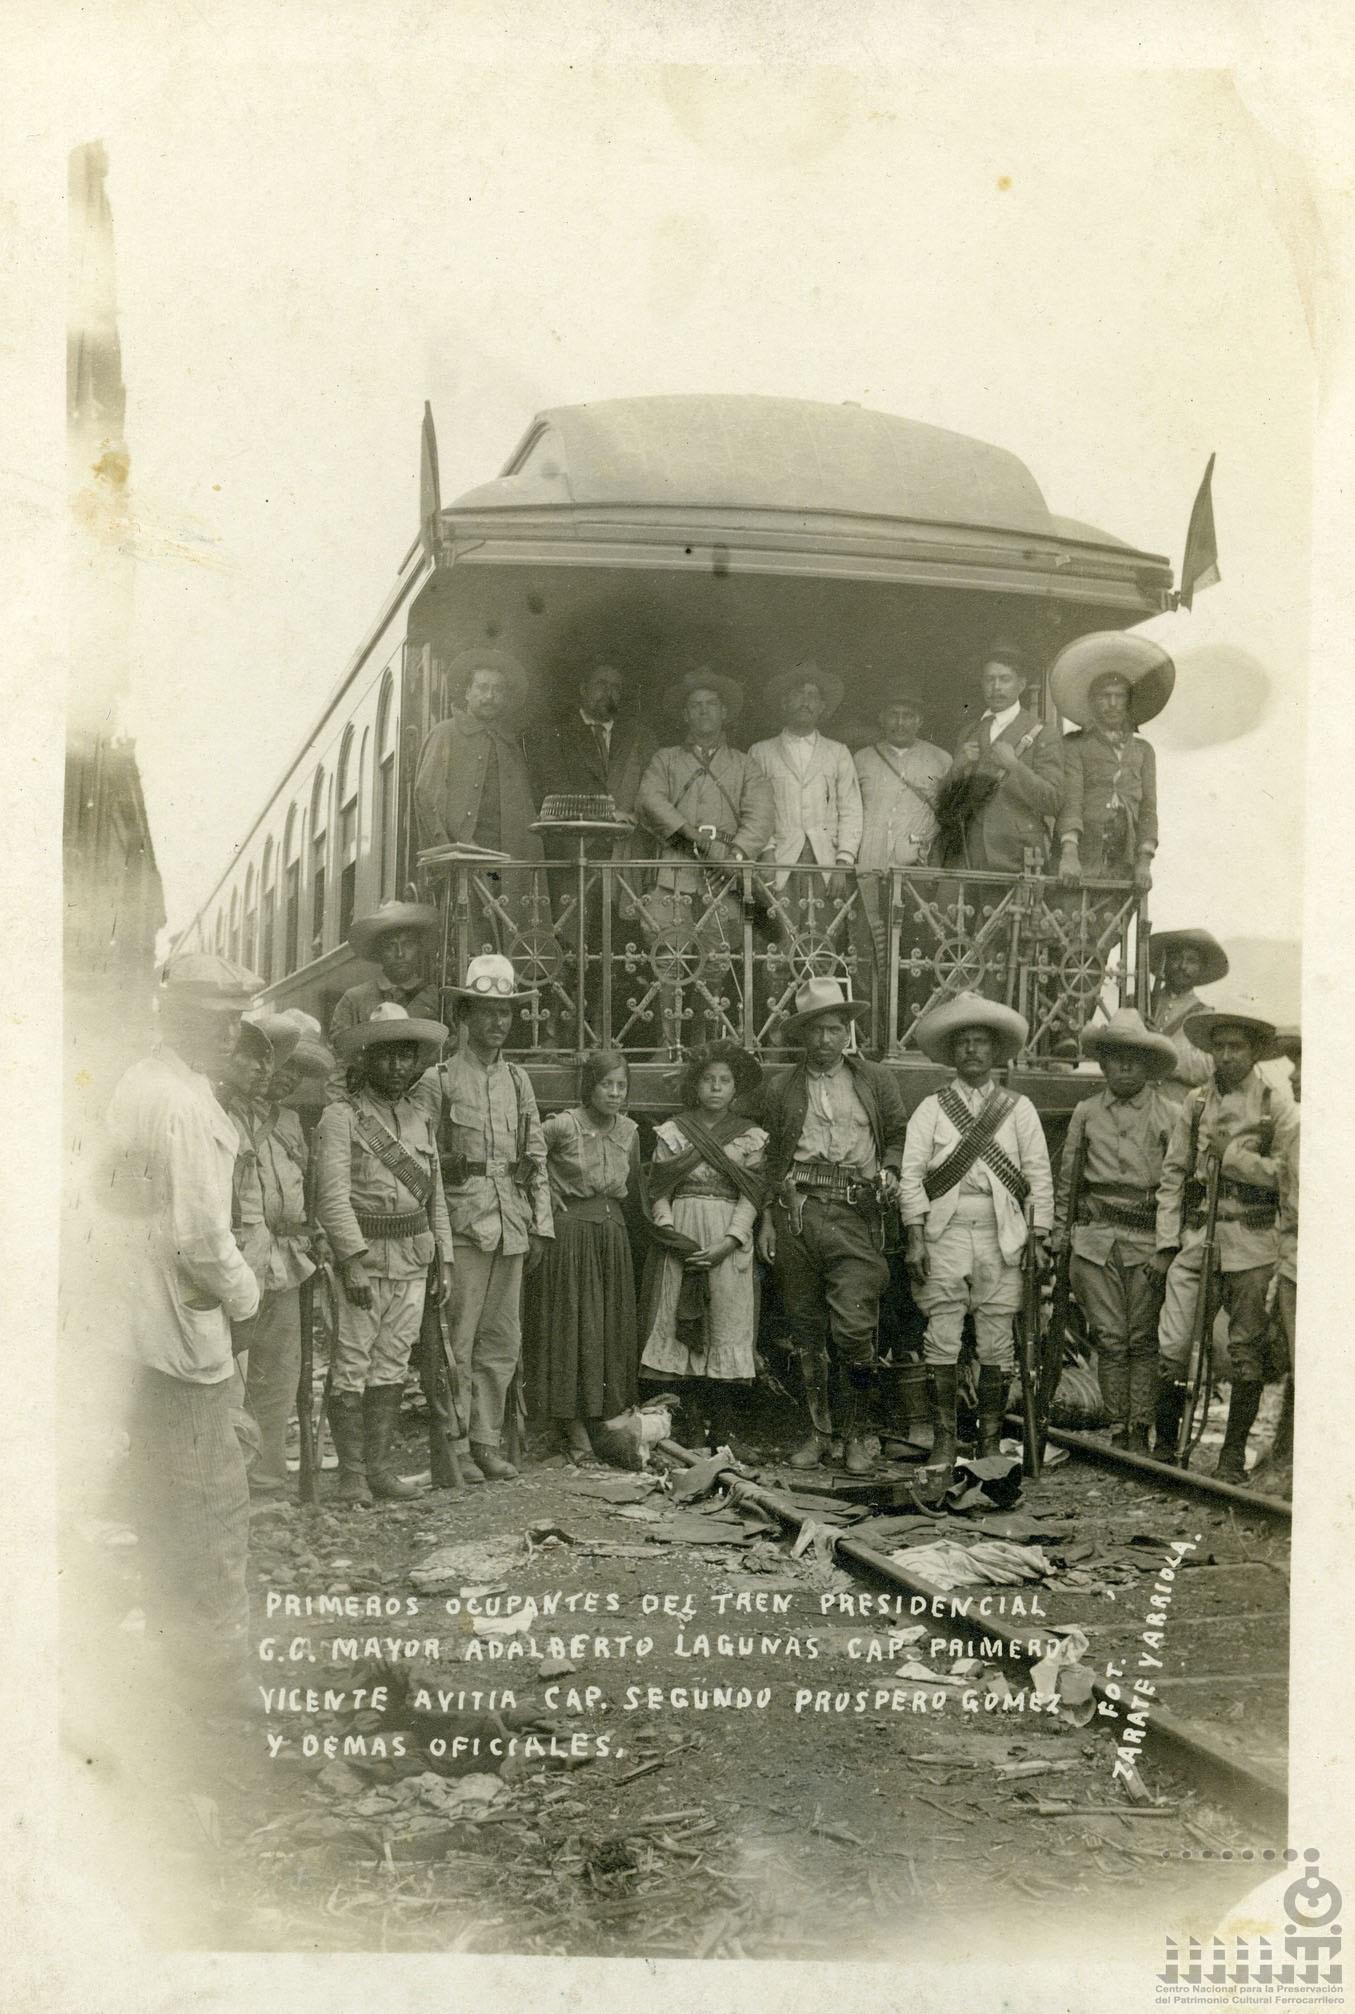 Imagen de Primeros ocupantes del tren presidencial durante su detención por las fuerzas obregonistas entre Rinconada y Aljibes